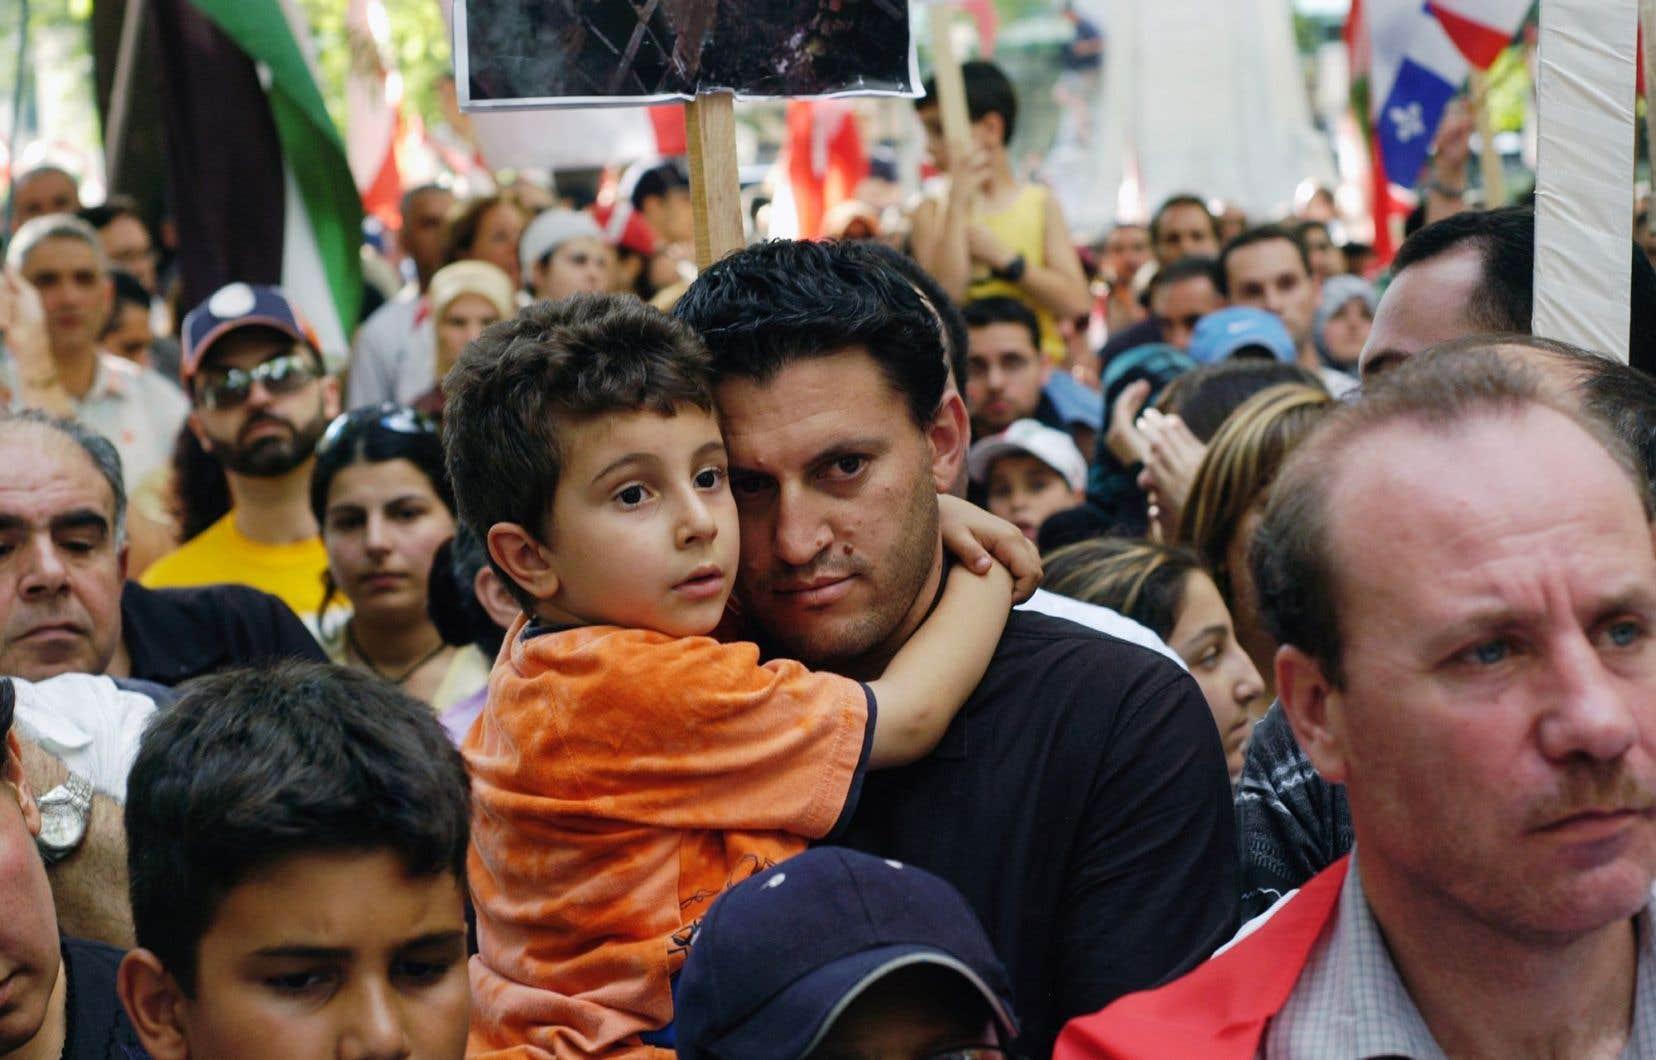 Manifestation de la communauté libanaise à Montréal contre les bombardements israéliens à l'endroit de leur pays d'origine, en juillet 2006